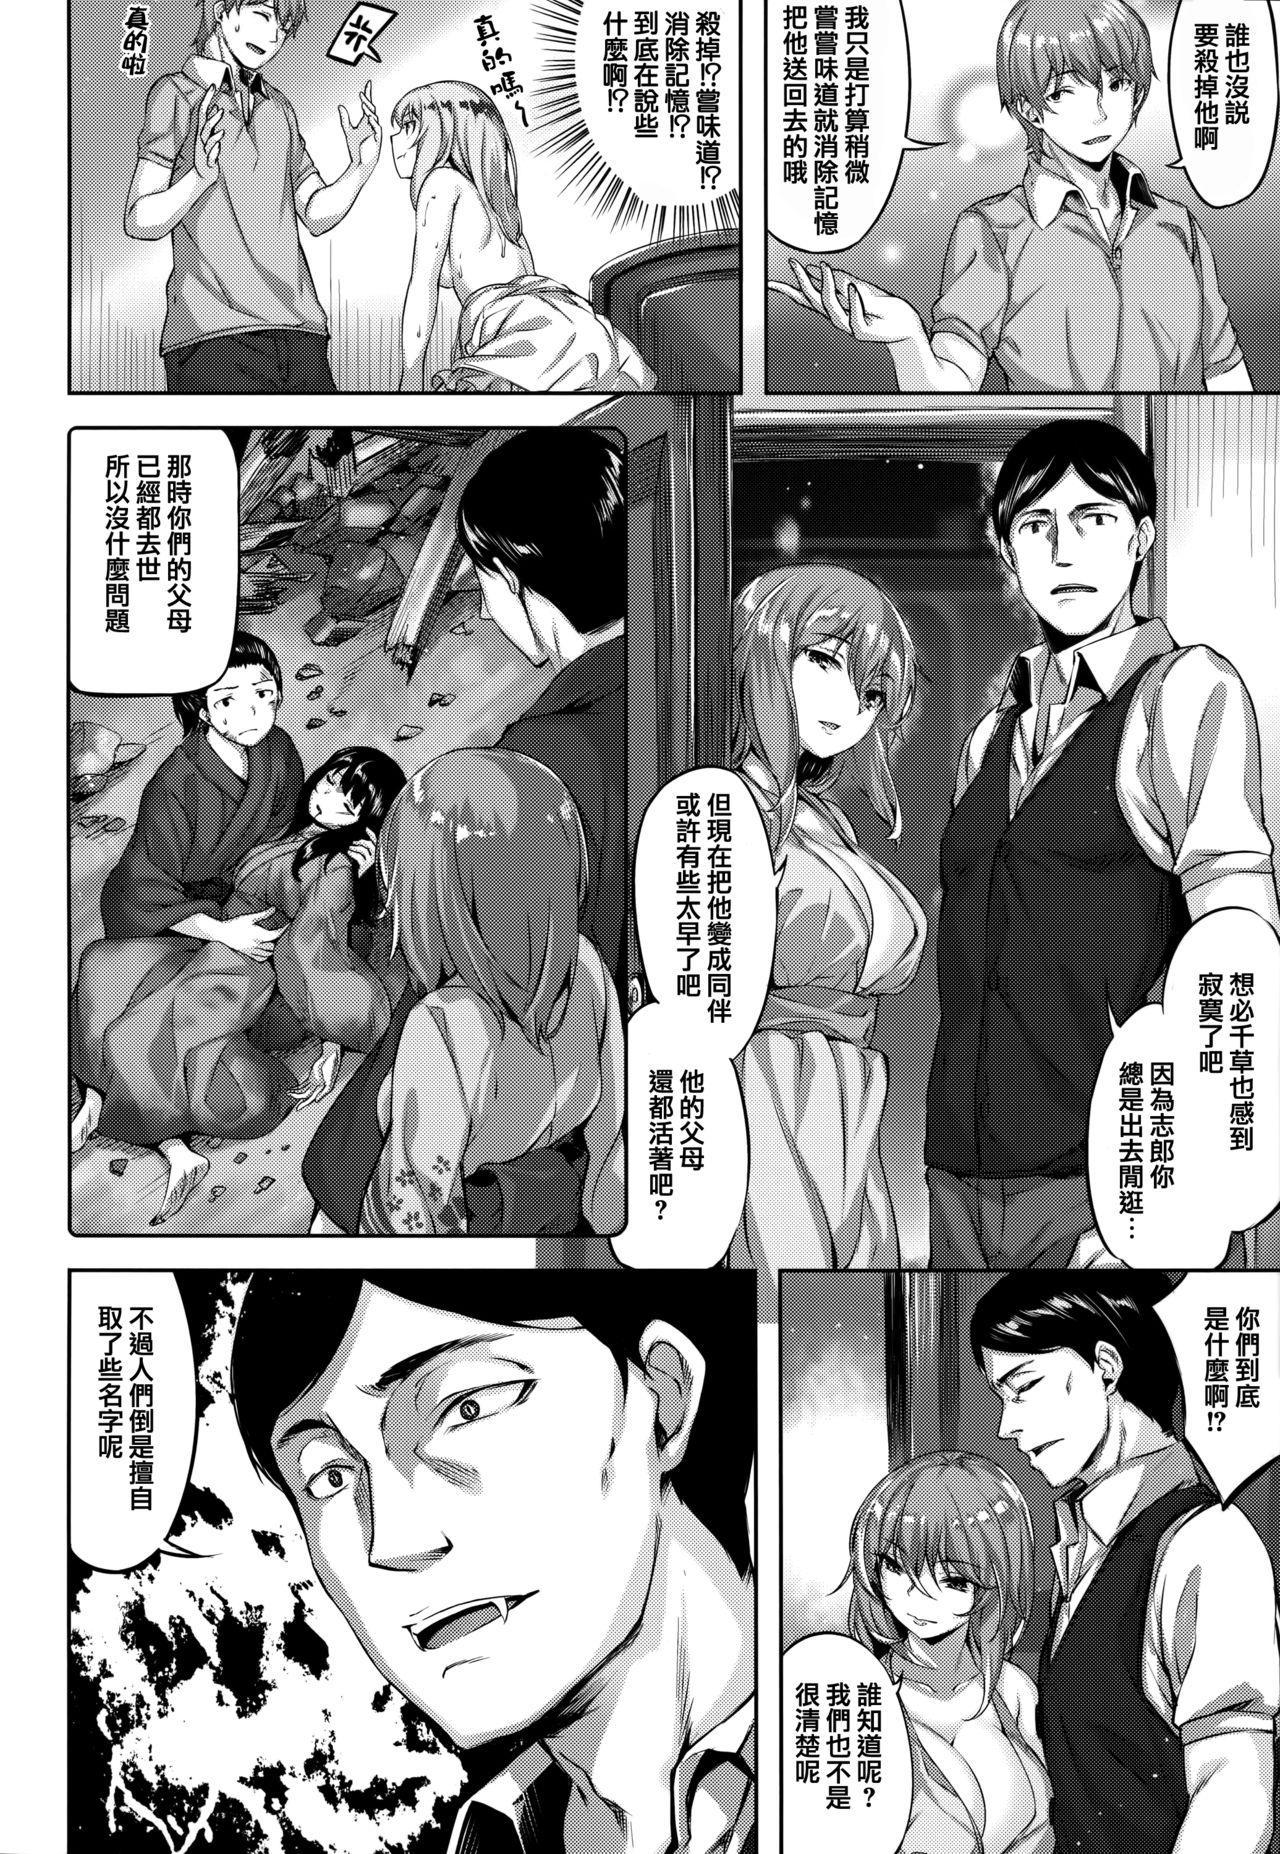 Zutto Daisuki 36